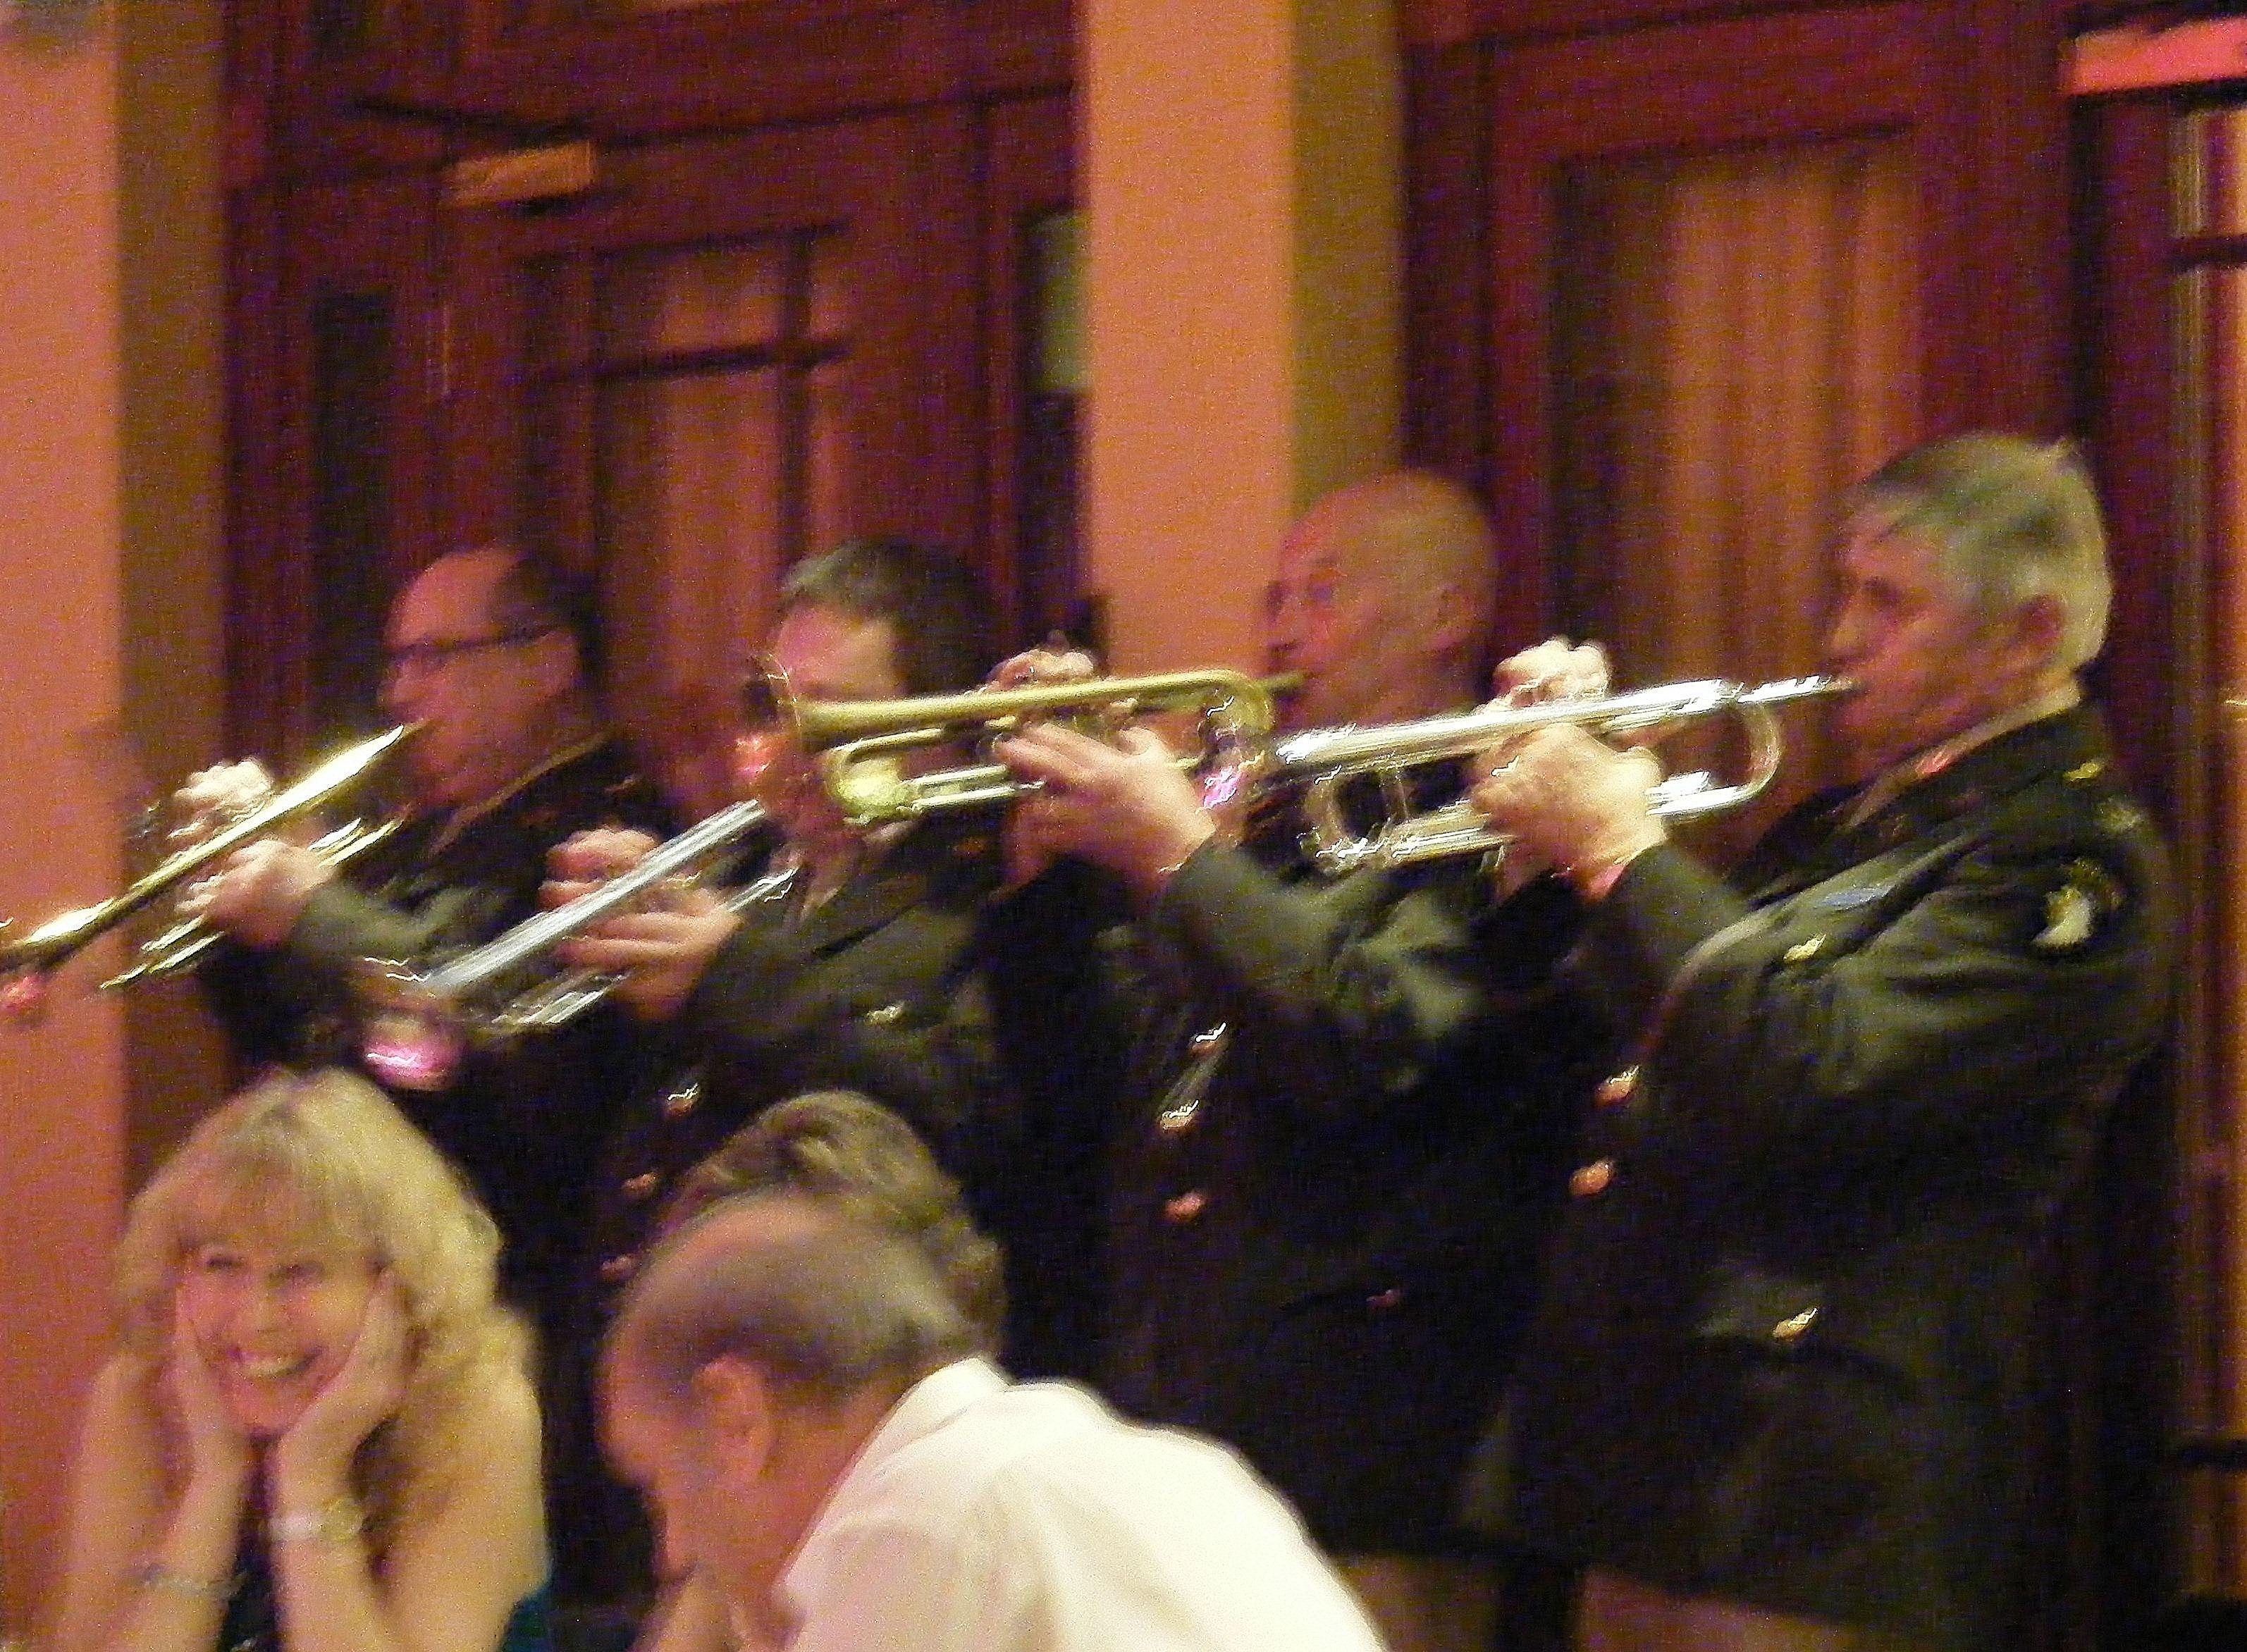 Glenn Hurst trumpet section